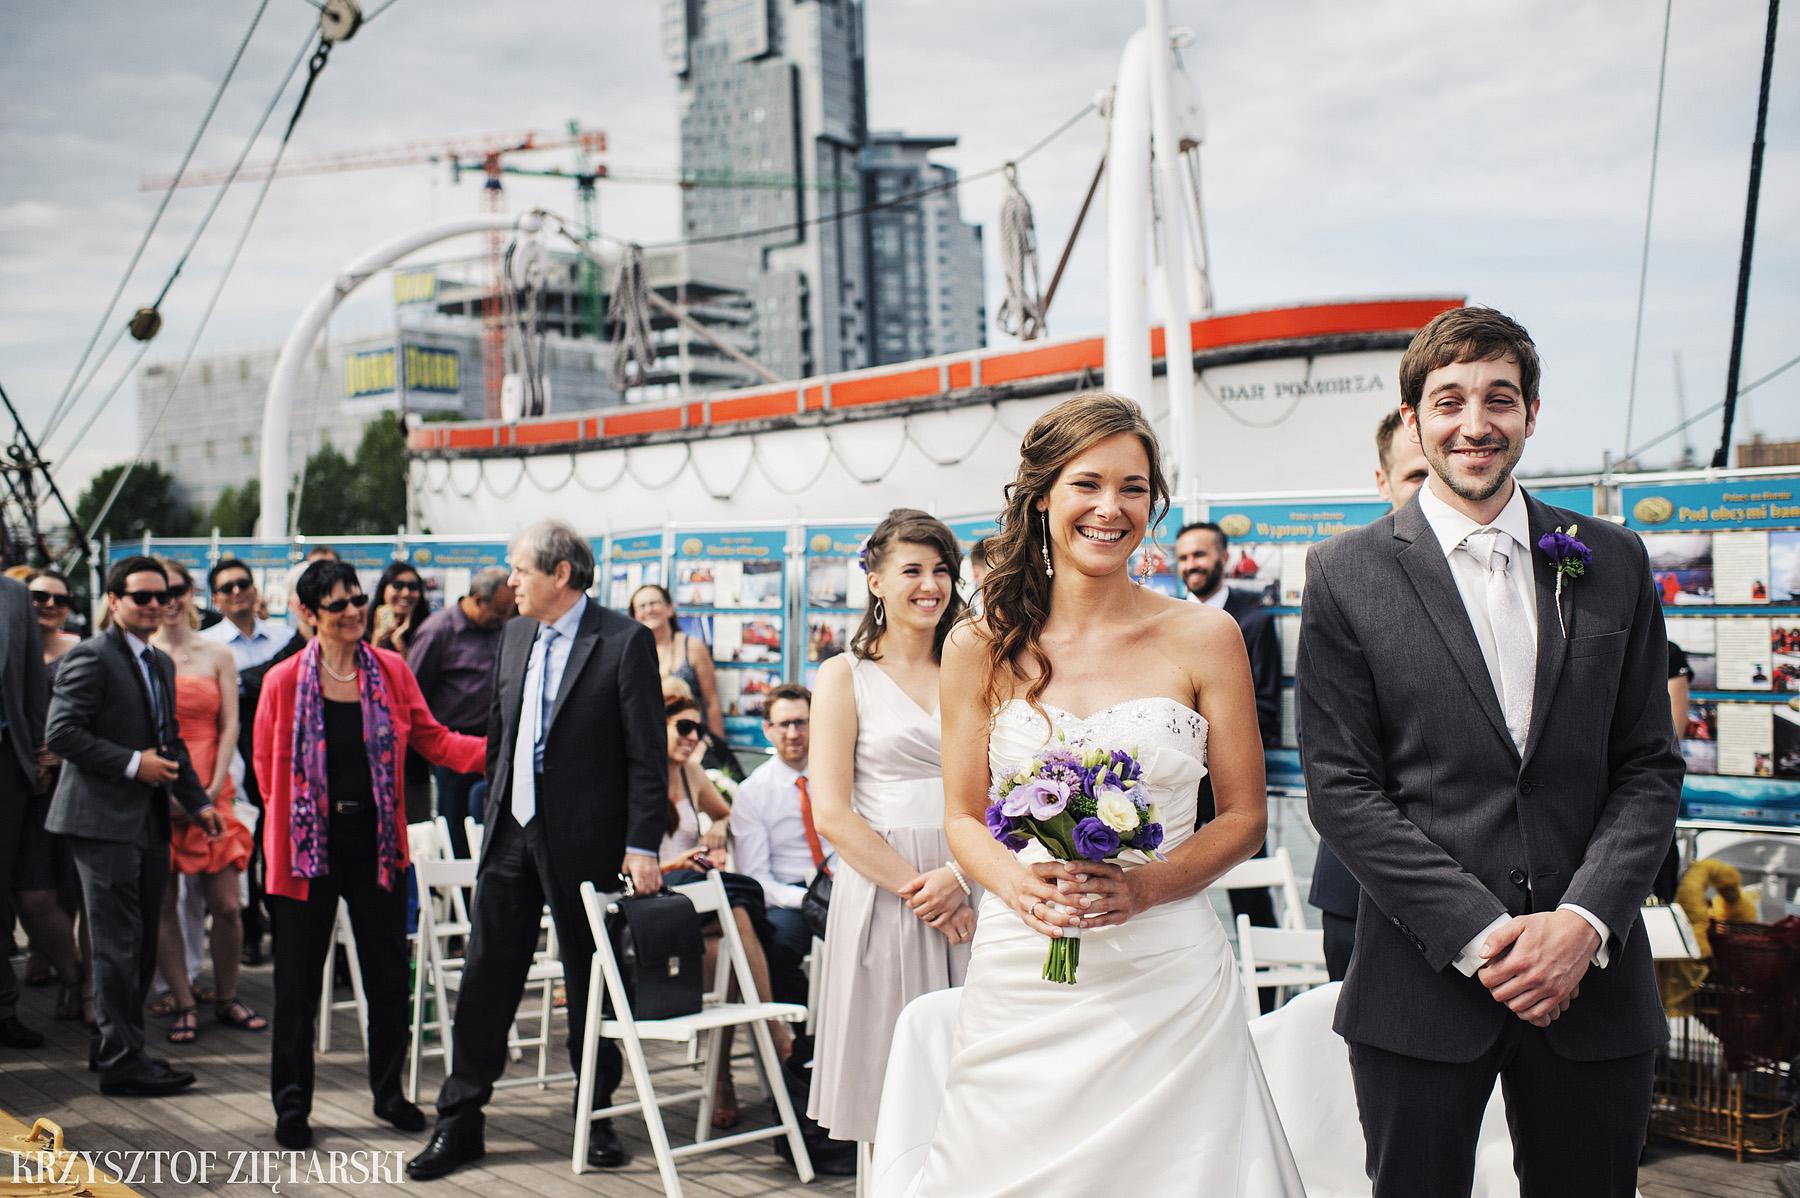 Gosia i Gabriele - Fotografia ślubna Gdynia - Dar Pomorza, Gościniec dla Przyjaciół Wyczechowo, Sea Towers - 17.